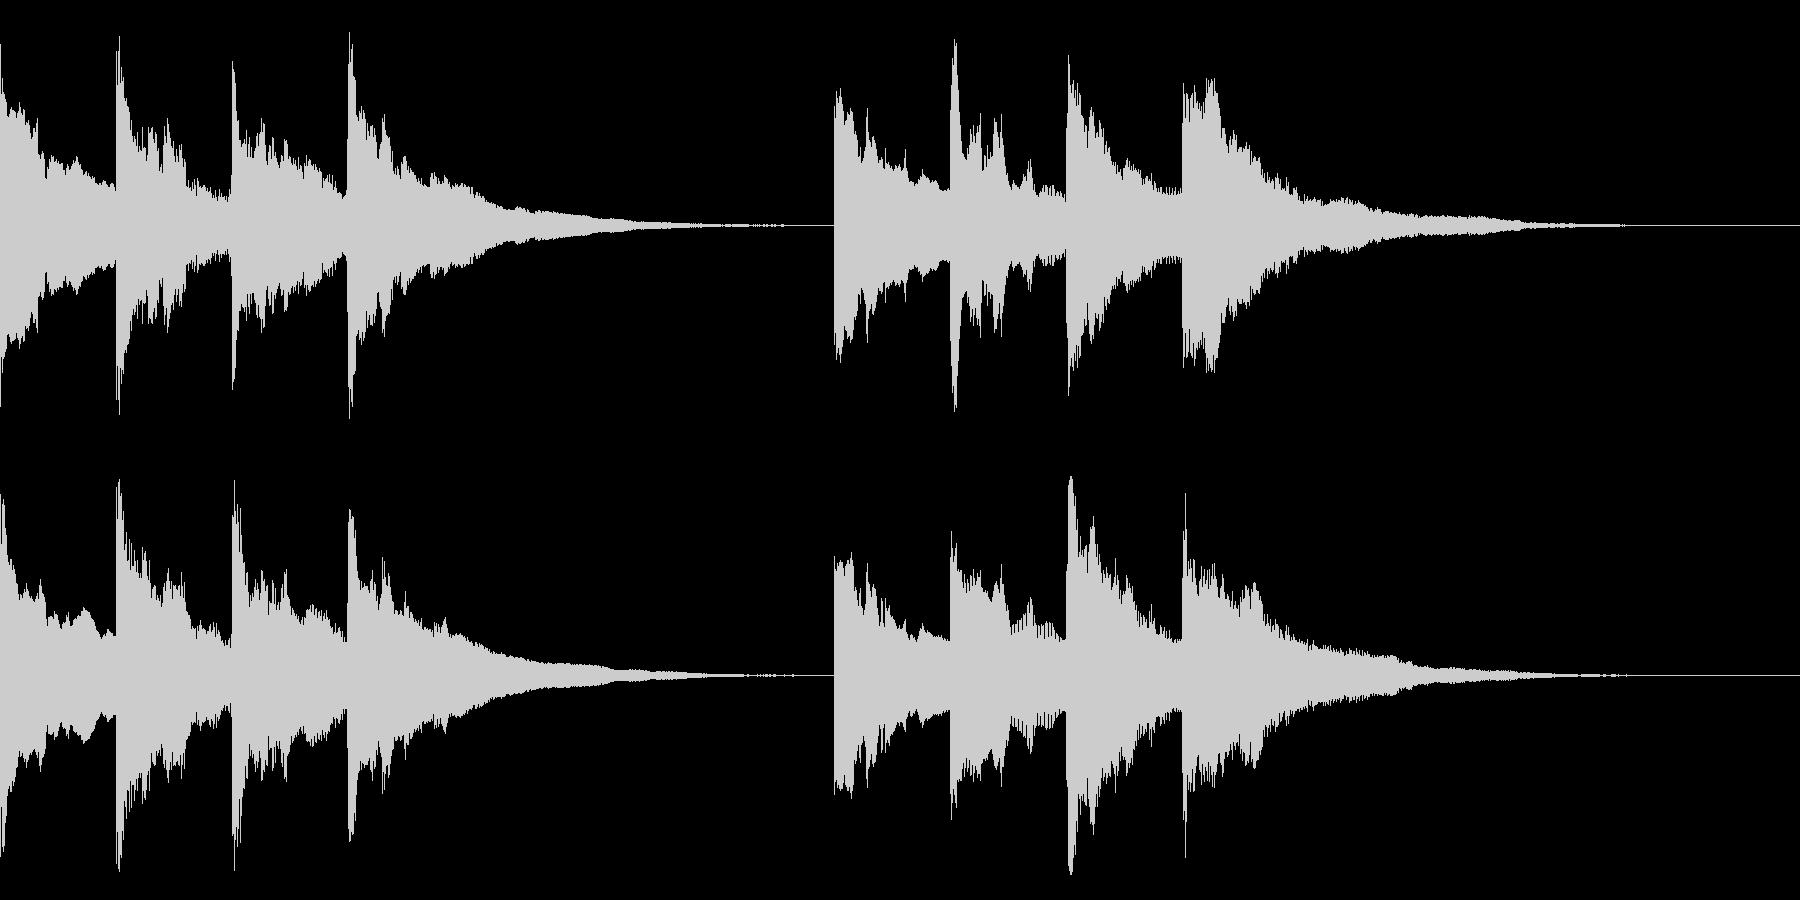 ピンポンパンポン ↑↓ アナウンス 案内の未再生の波形